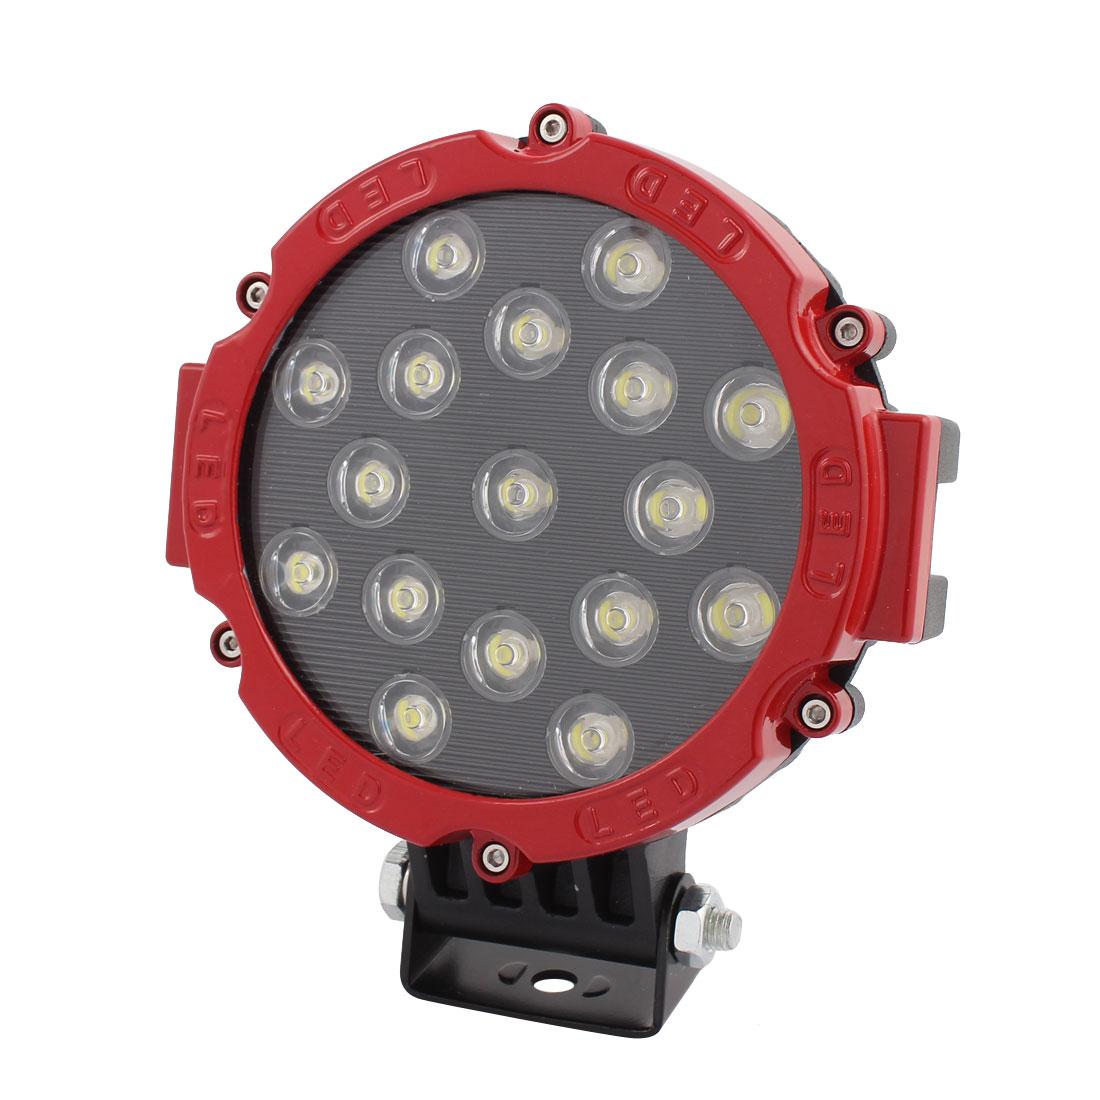 51W DC 9V-30V 17 LED Bulb Spotlight Working Lamp for Truck Car Hall Lighting